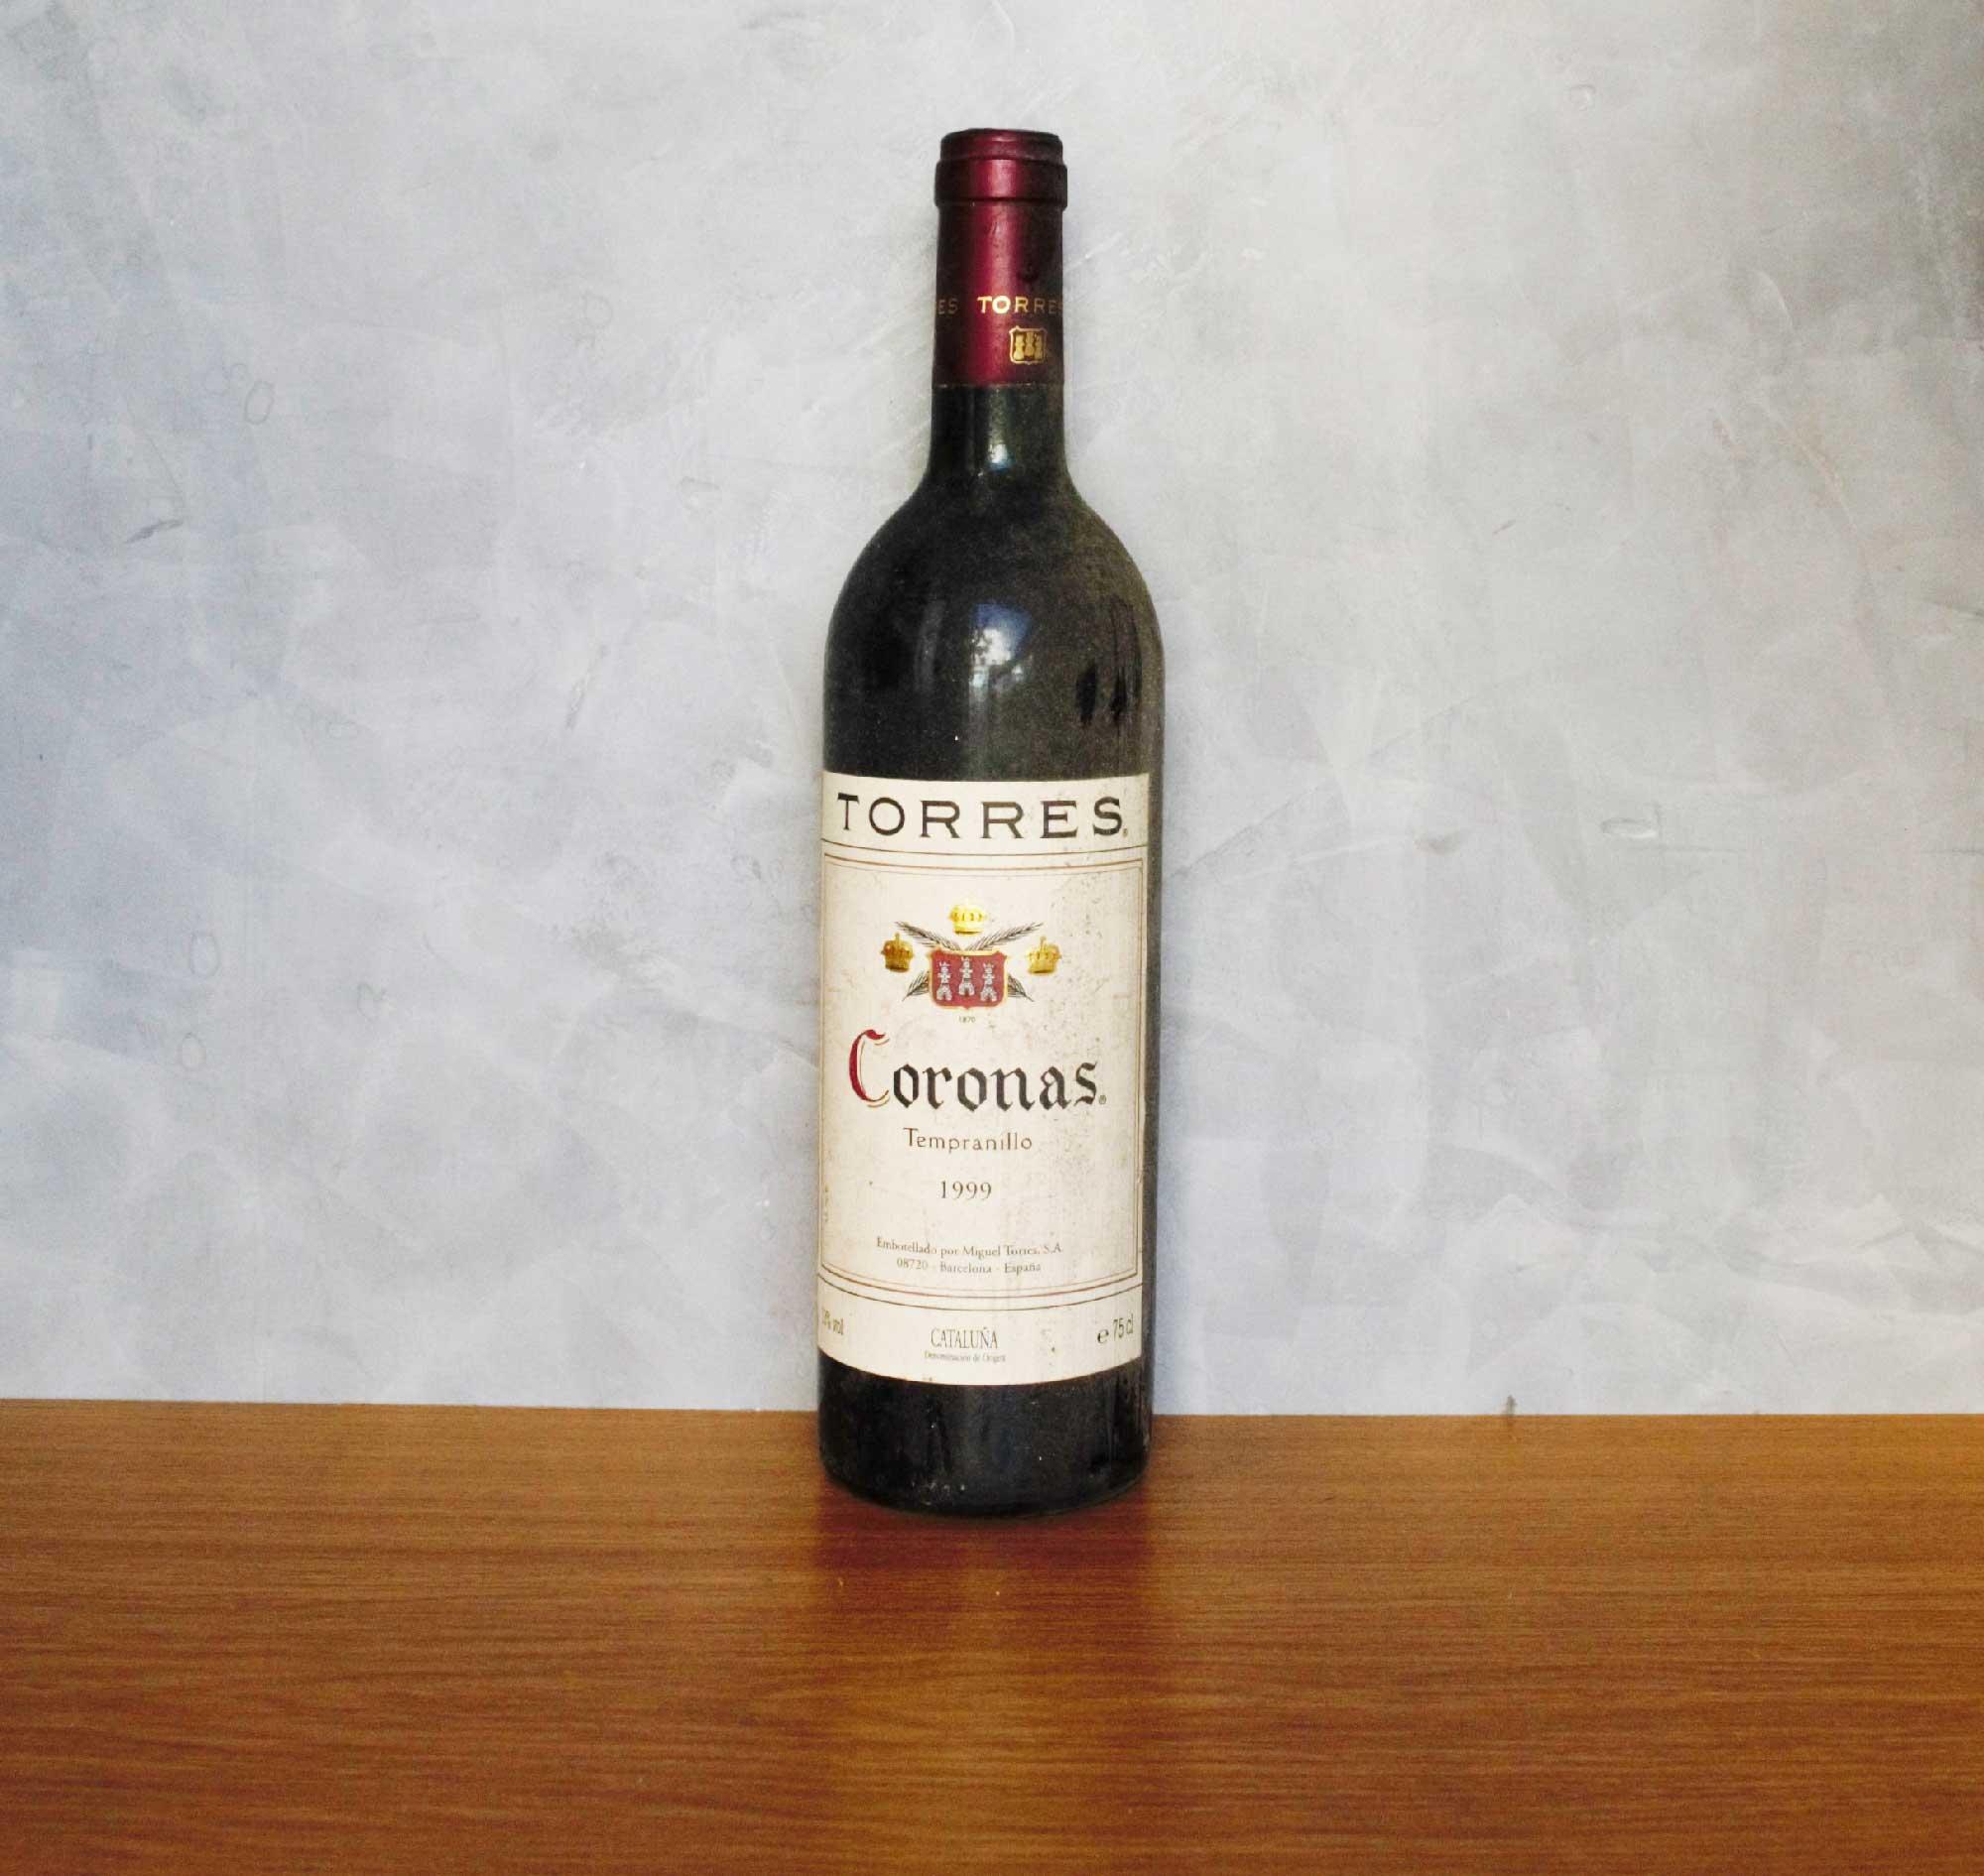 Coronas tempranillo 1999